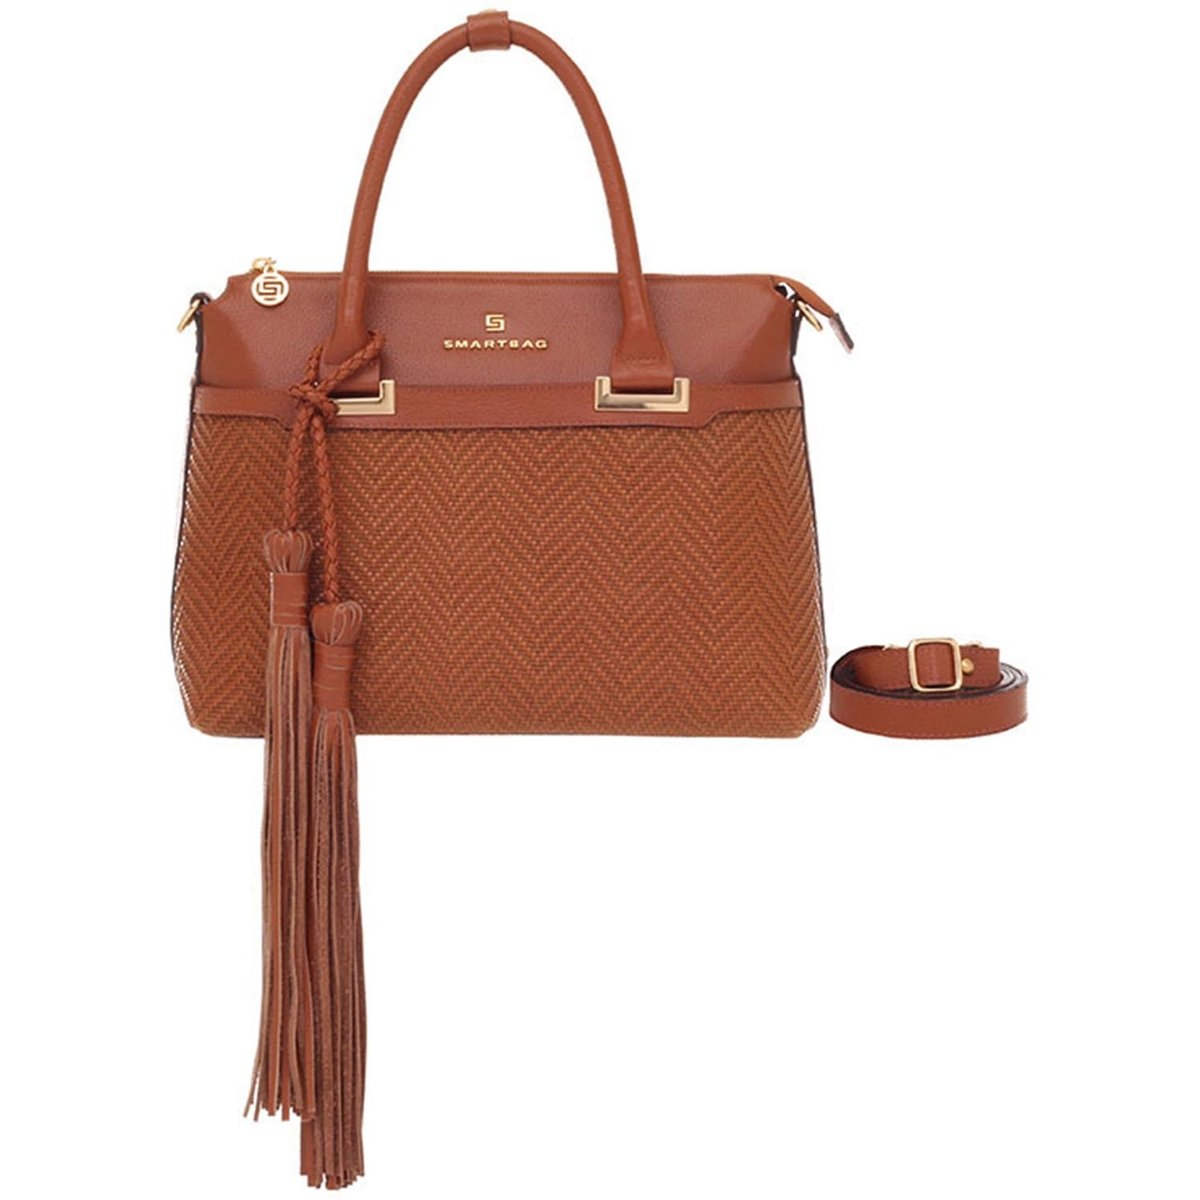 6094c12eb Bolsa Smart Bag Couro Tressê Tribal | Netshoes